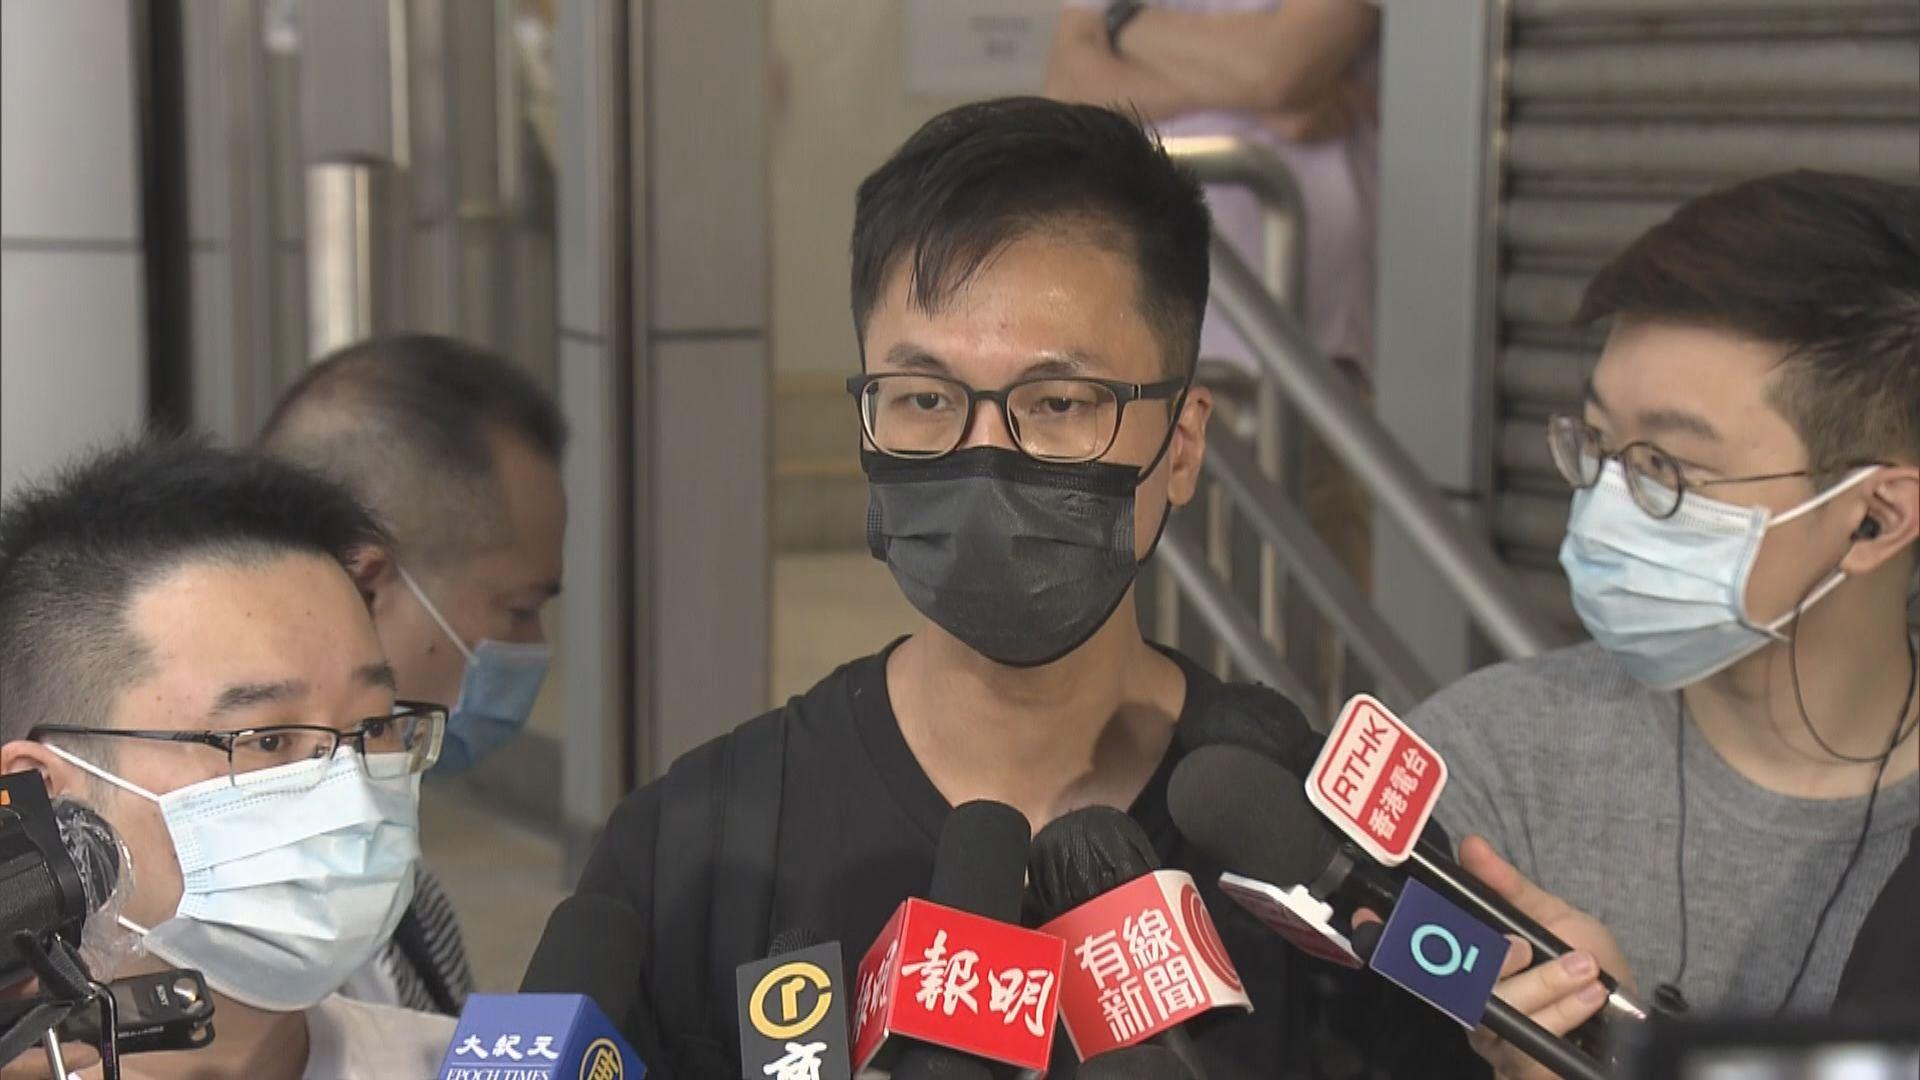 支聯會呼籲警方批六四集會不反對通知書 強調集會自由